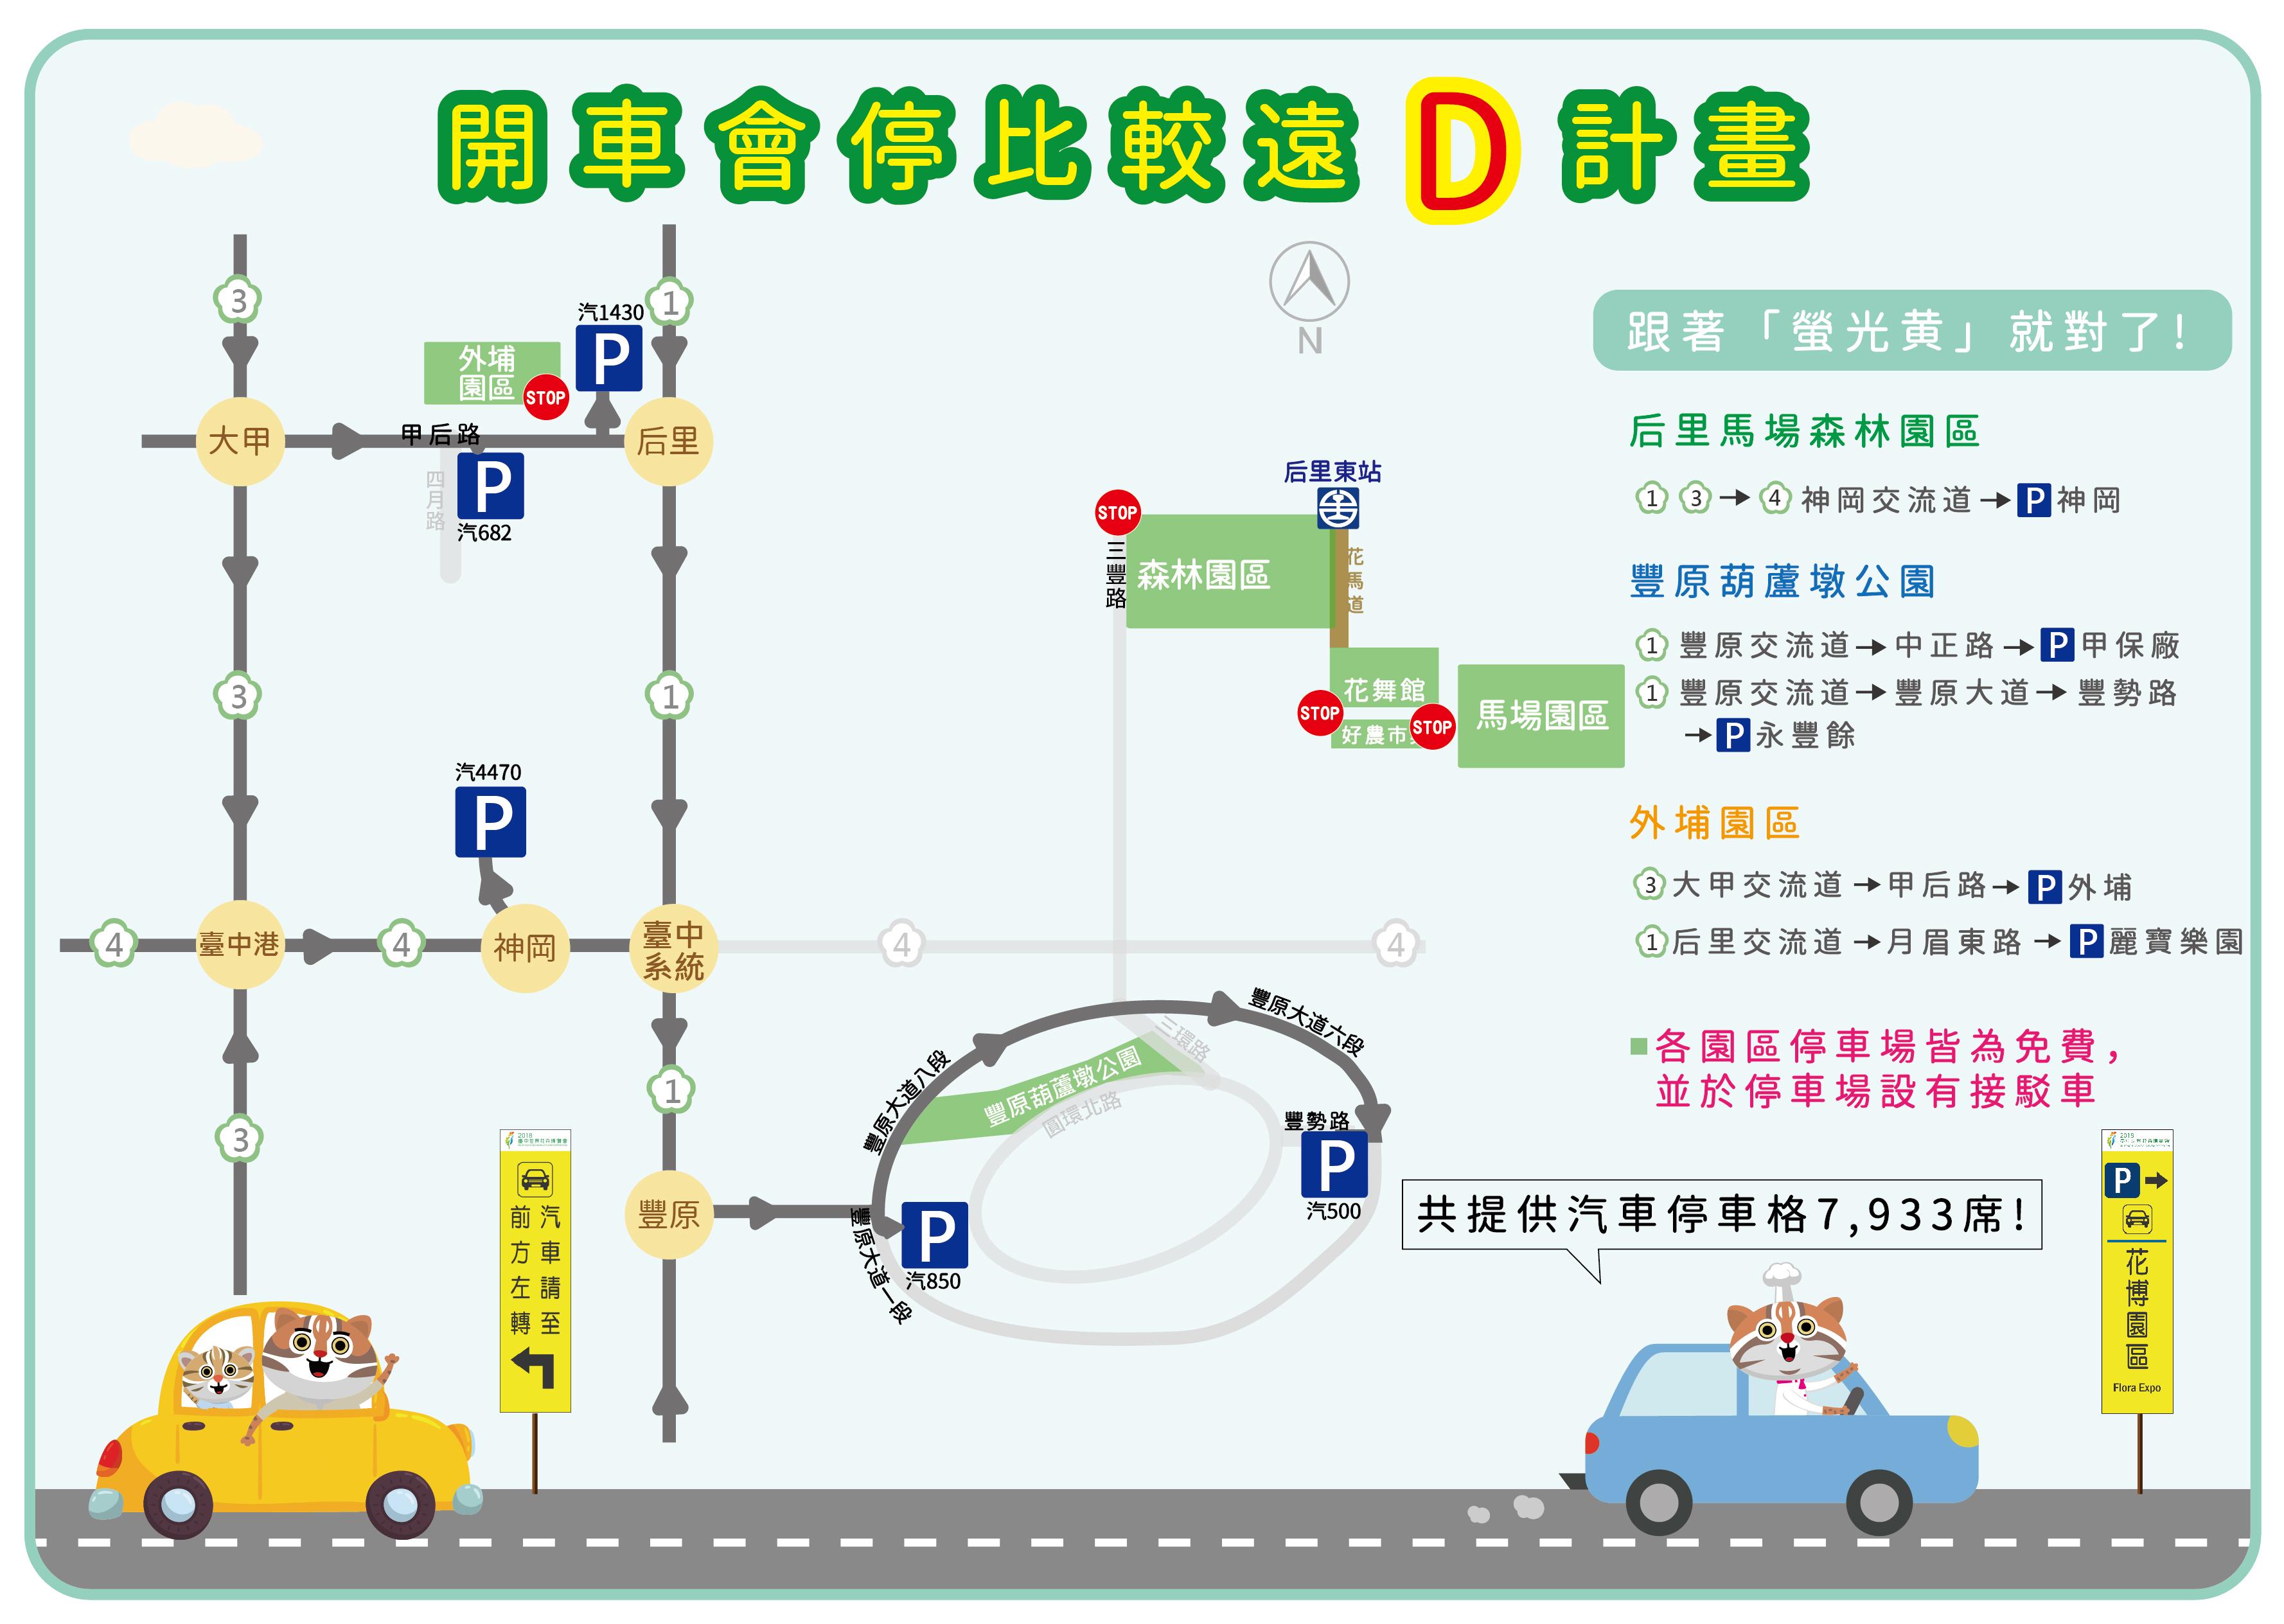 春節連假賞花博 中市府籲搭火車、接駁車省時不塞車